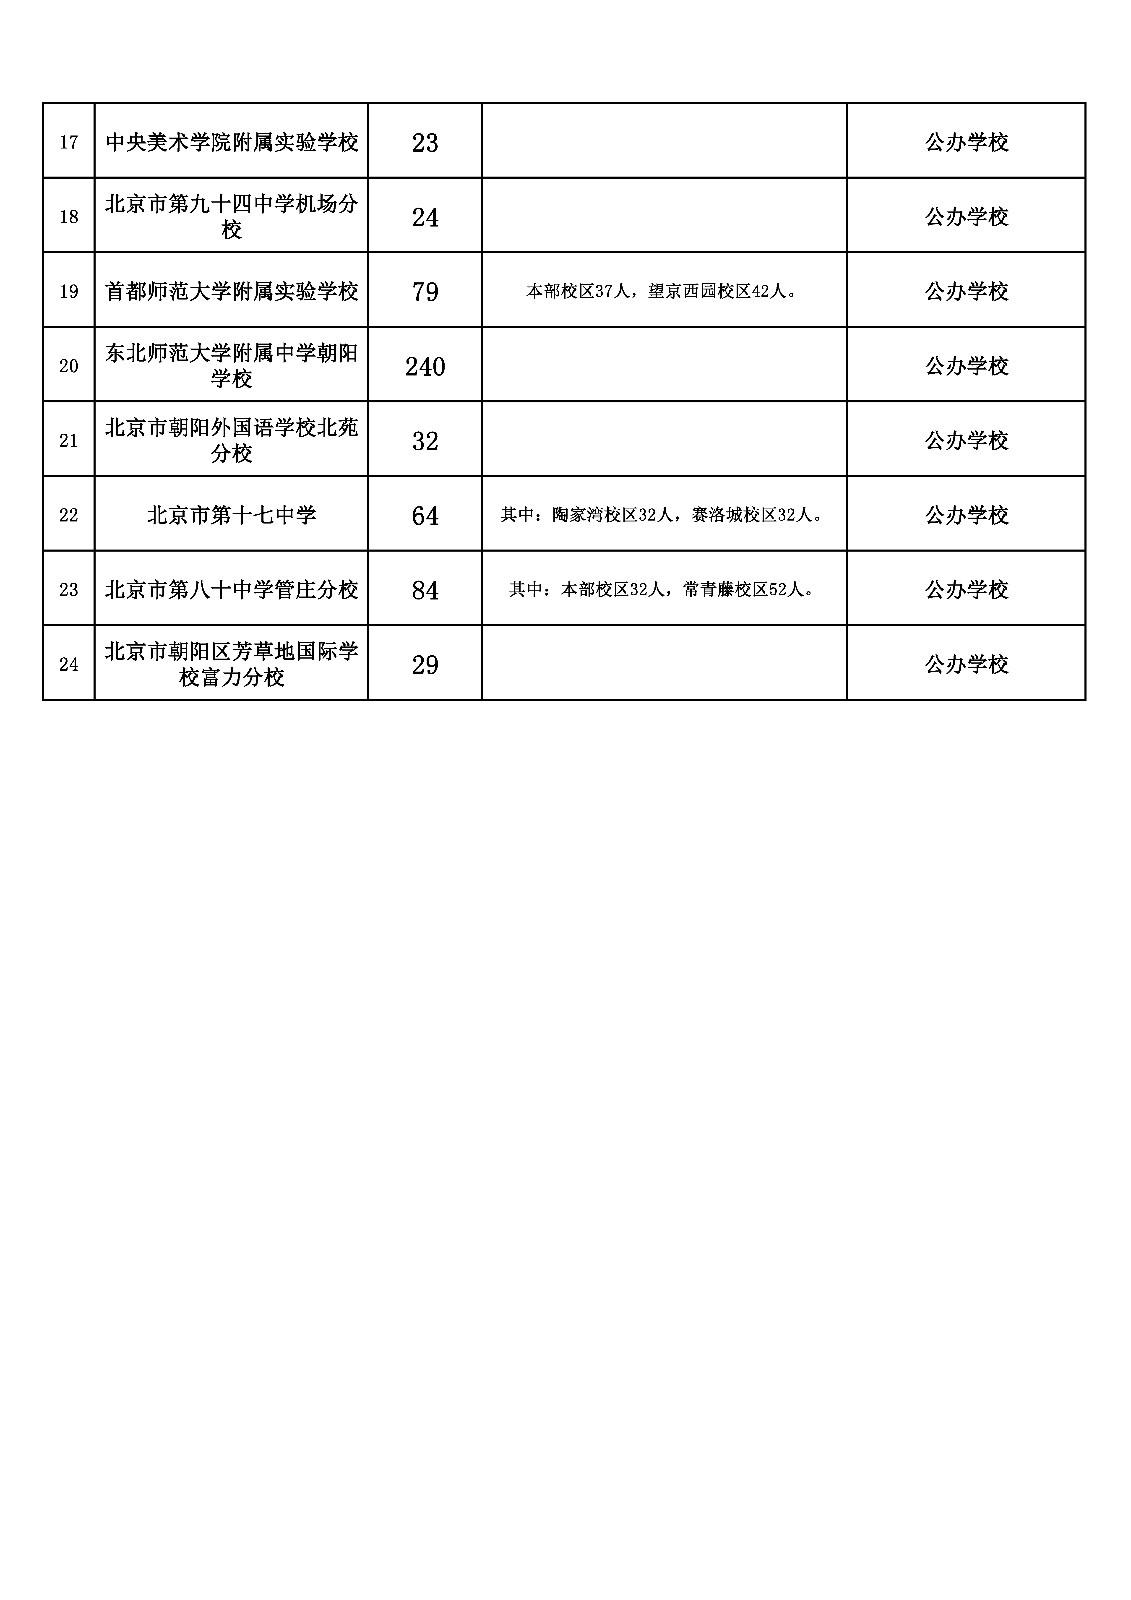 2018年朝阳区小升初公办寄宿学校招生计划